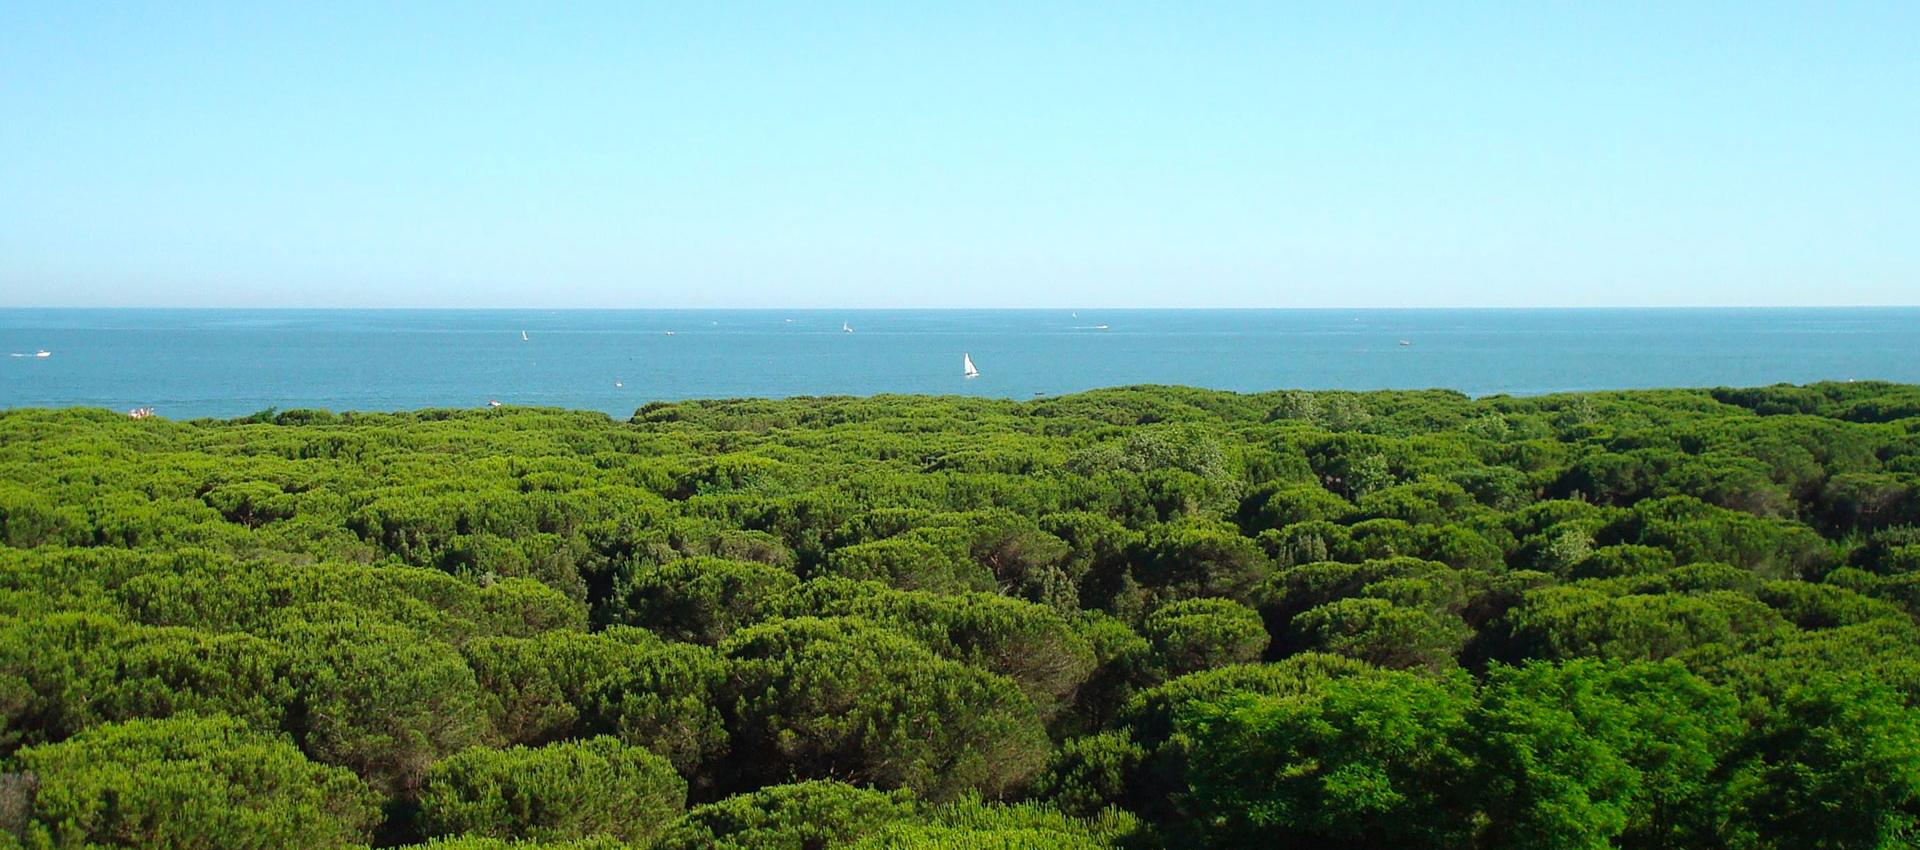 Immerso nel verde della pineta